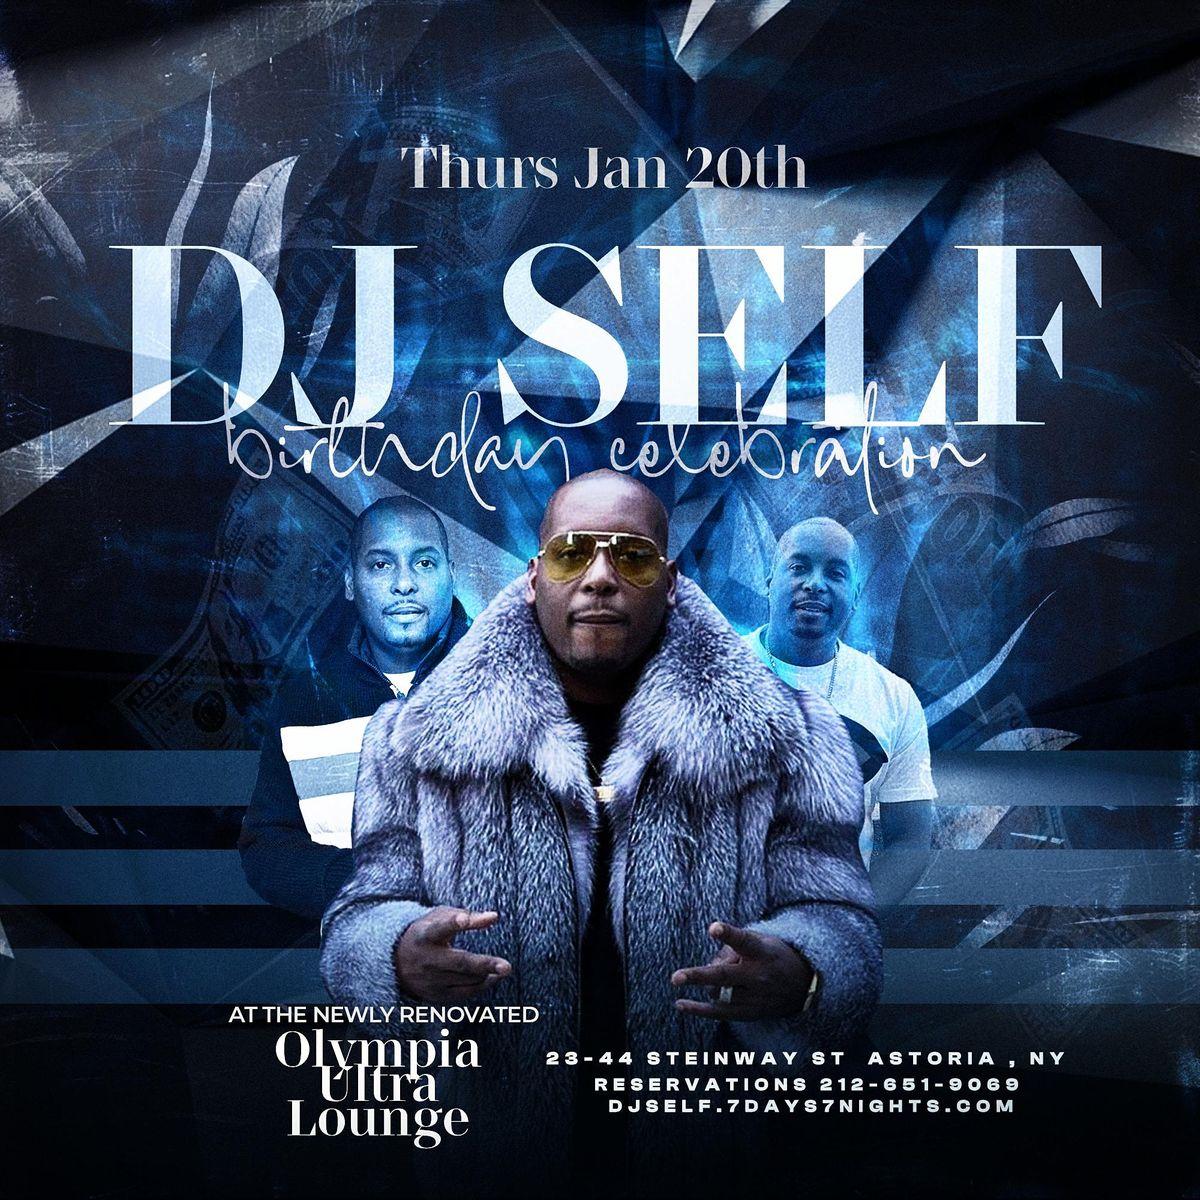 R & B Seafood Thursdays At Katra Nyc